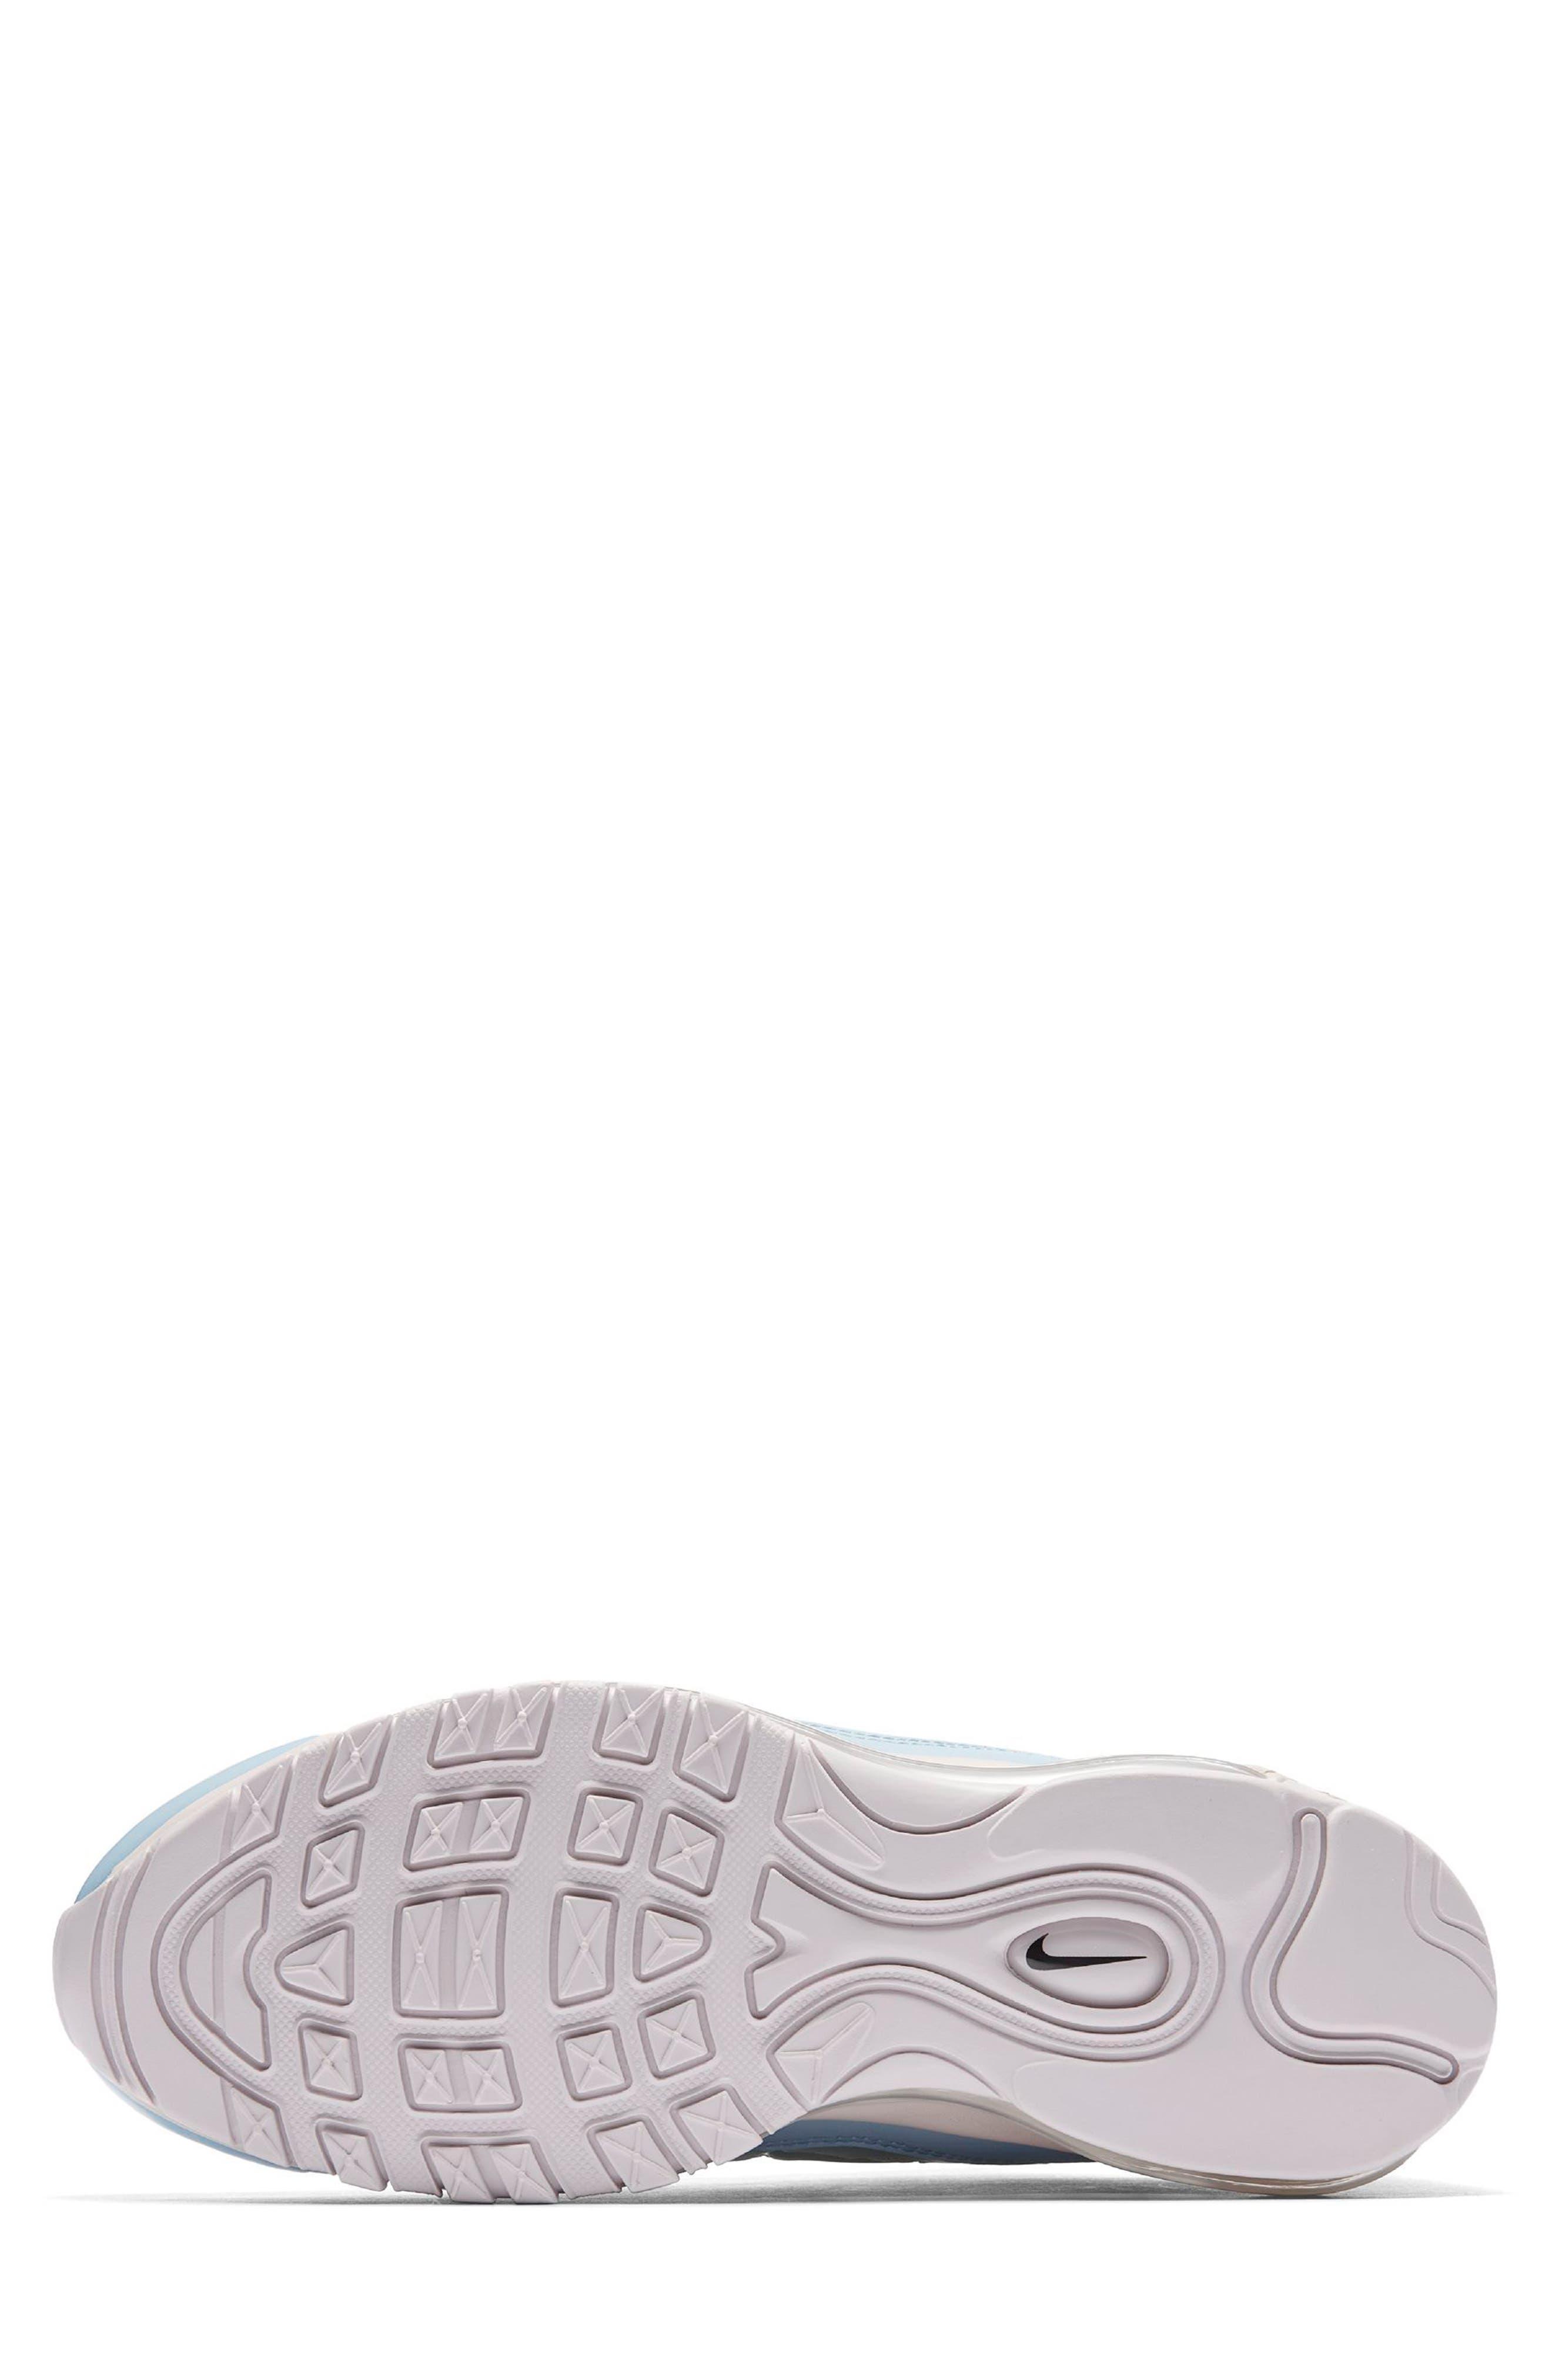 Air Max 97 Plus Sneaker,                             Alternate thumbnail 5, color,                             300